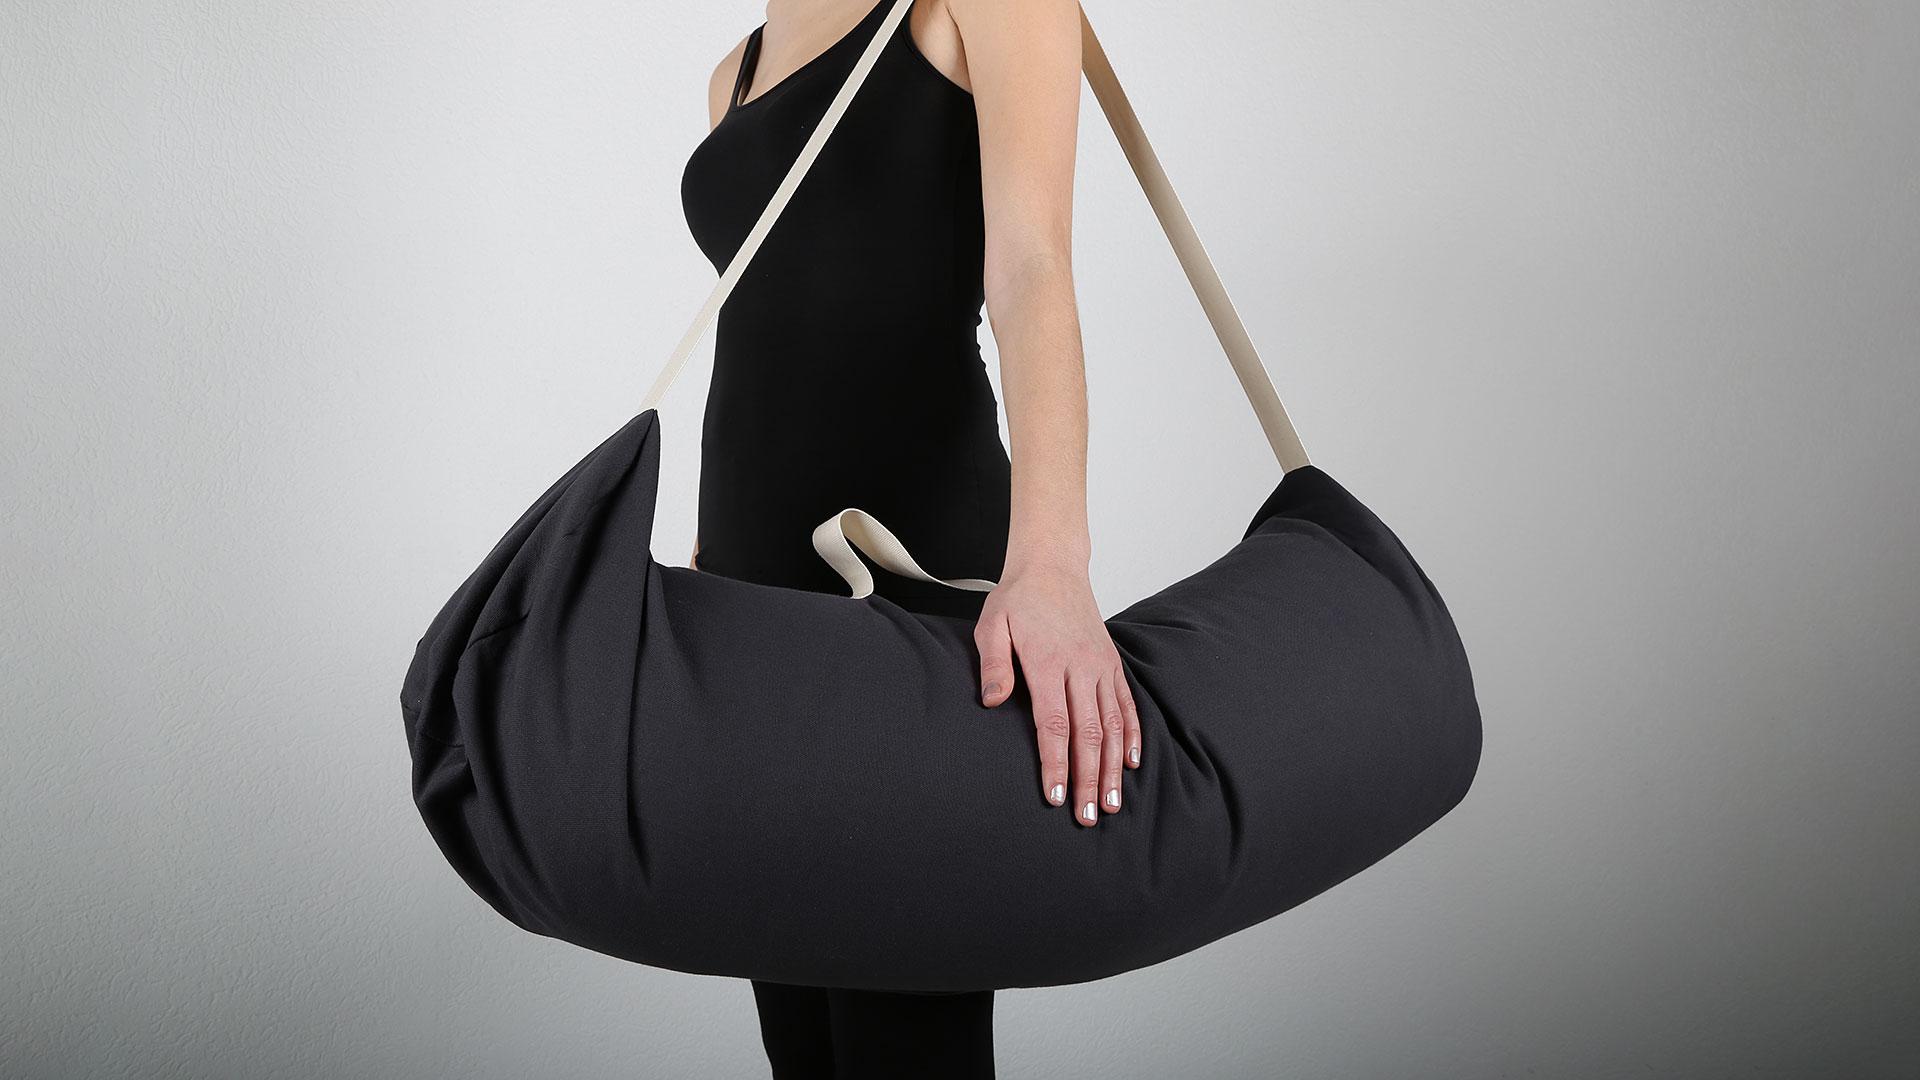 Praktische Yogatasche mit Griff und Gurt, hier Farbstellung dunkelblau